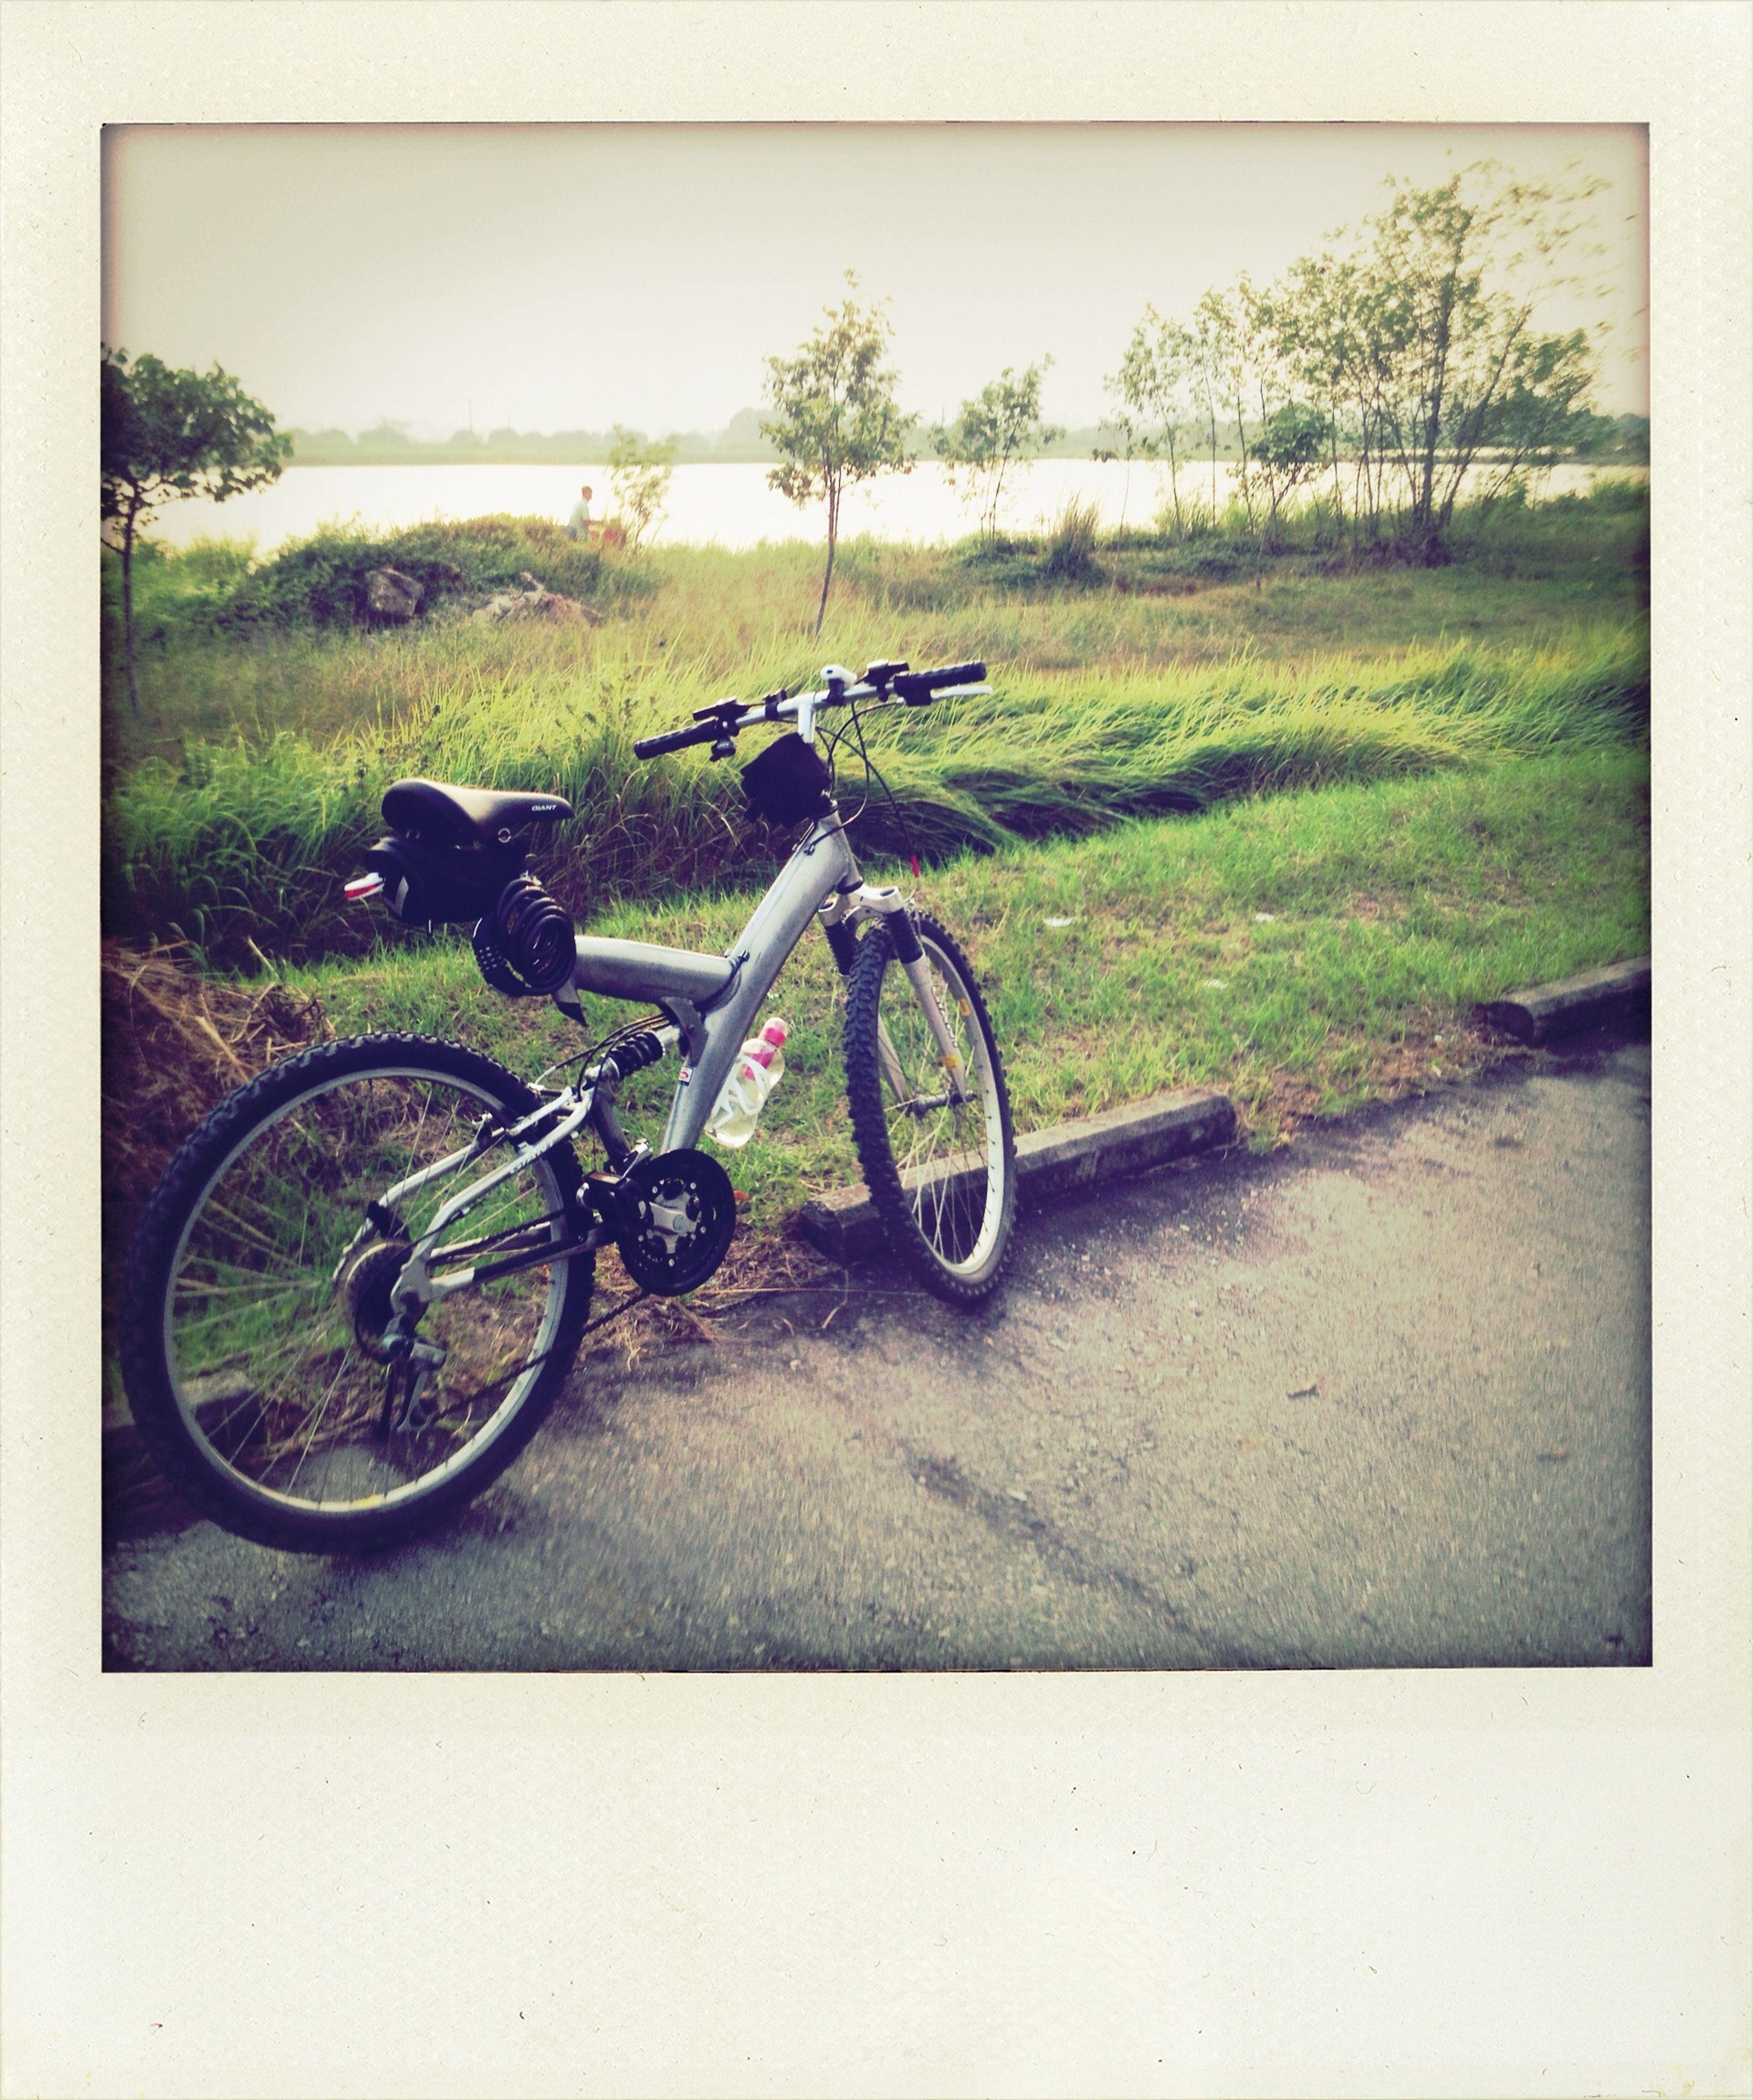 cycling at Nam Sang Wai Cycling